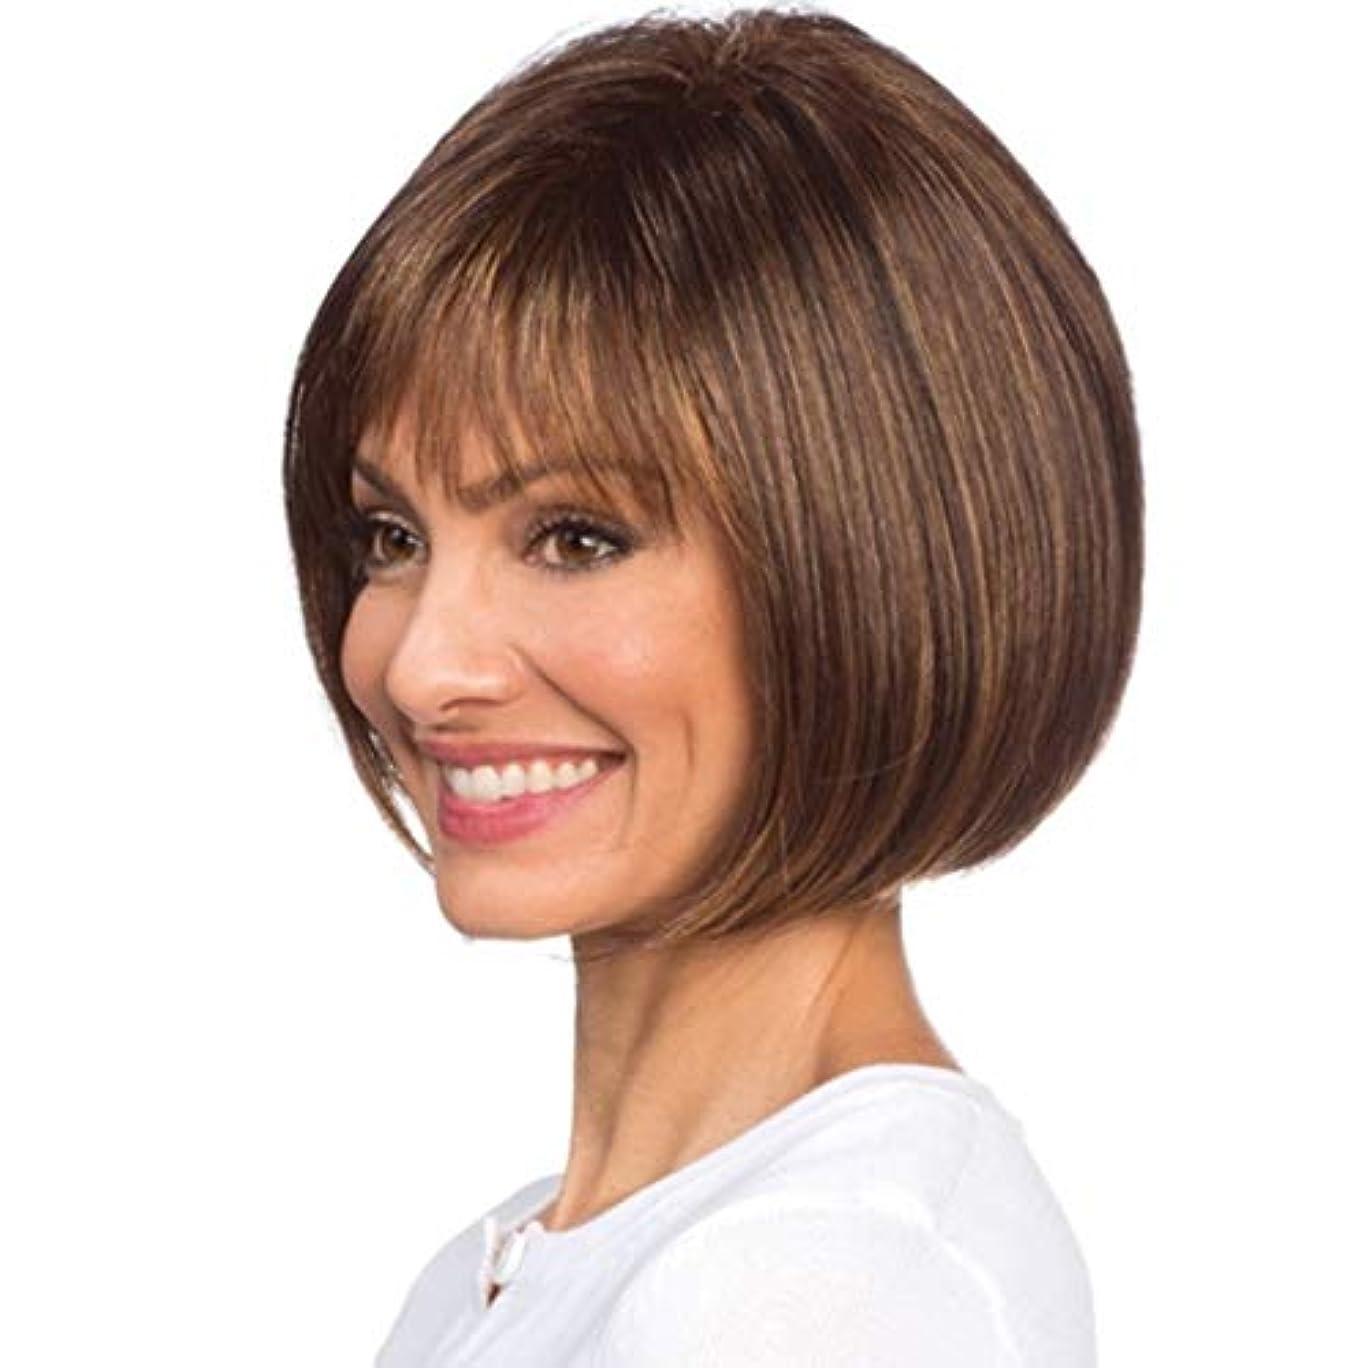 取り除く受取人内向きKerwinner ソフト&スムーズ女性用前髪付き女性ガールズショートストレート合成かつら